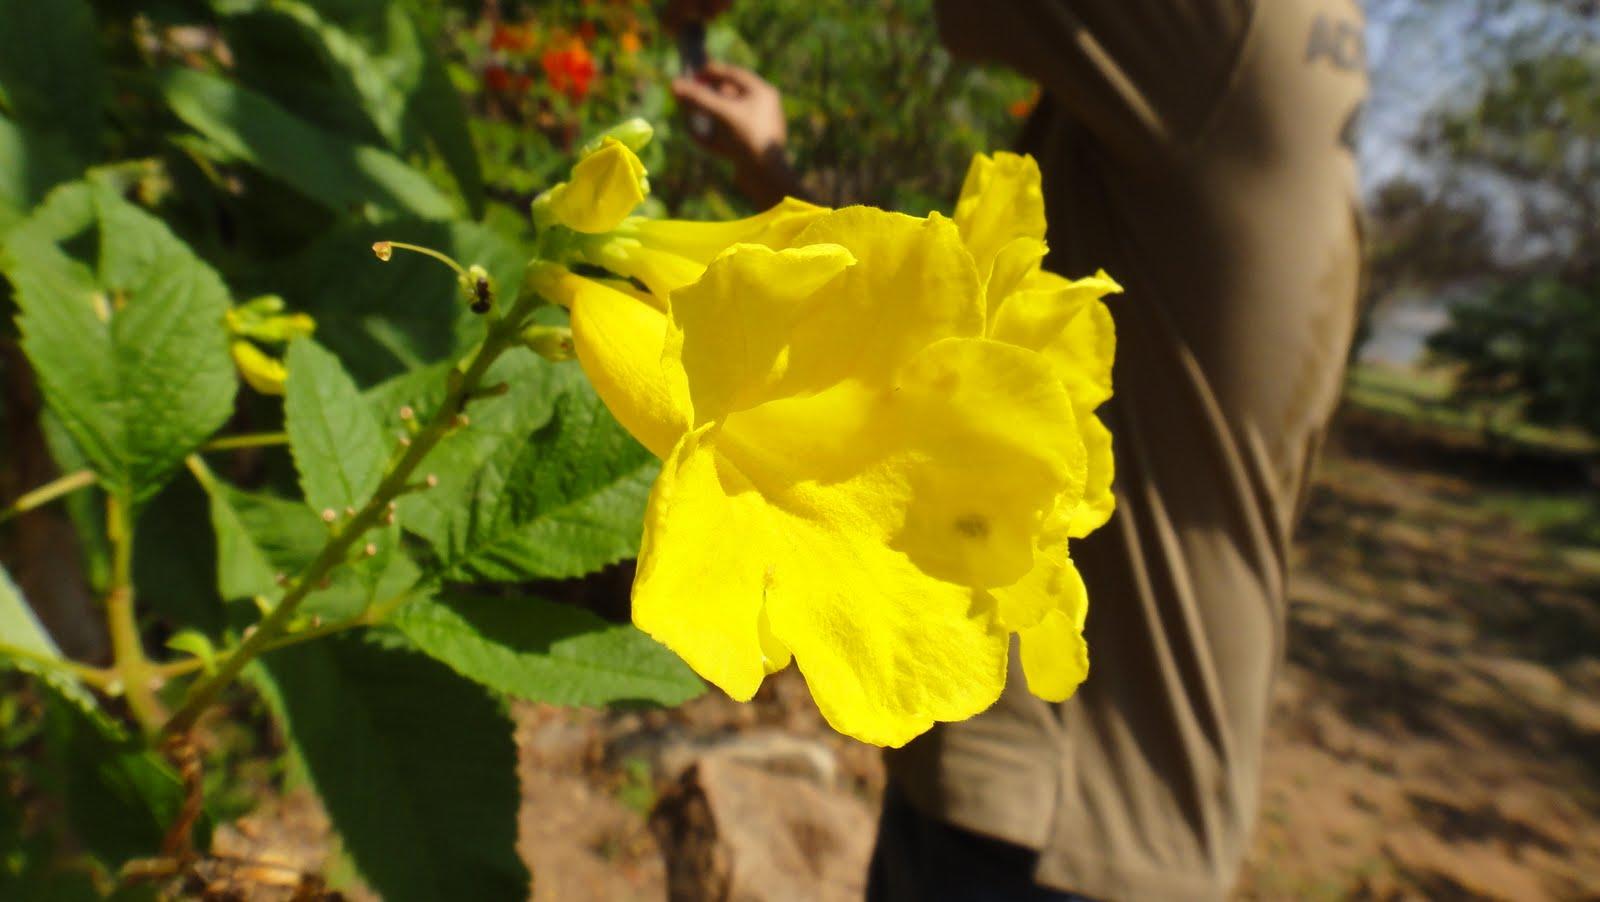 http://1.bp.blogspot.com/-Ac4wPWQ0b78/TaGhovCfeDI/AAAAAAAADcQ/Oya_P2DkdYs/s1600/Flowers%2BHD%2BWallpapers.JPG